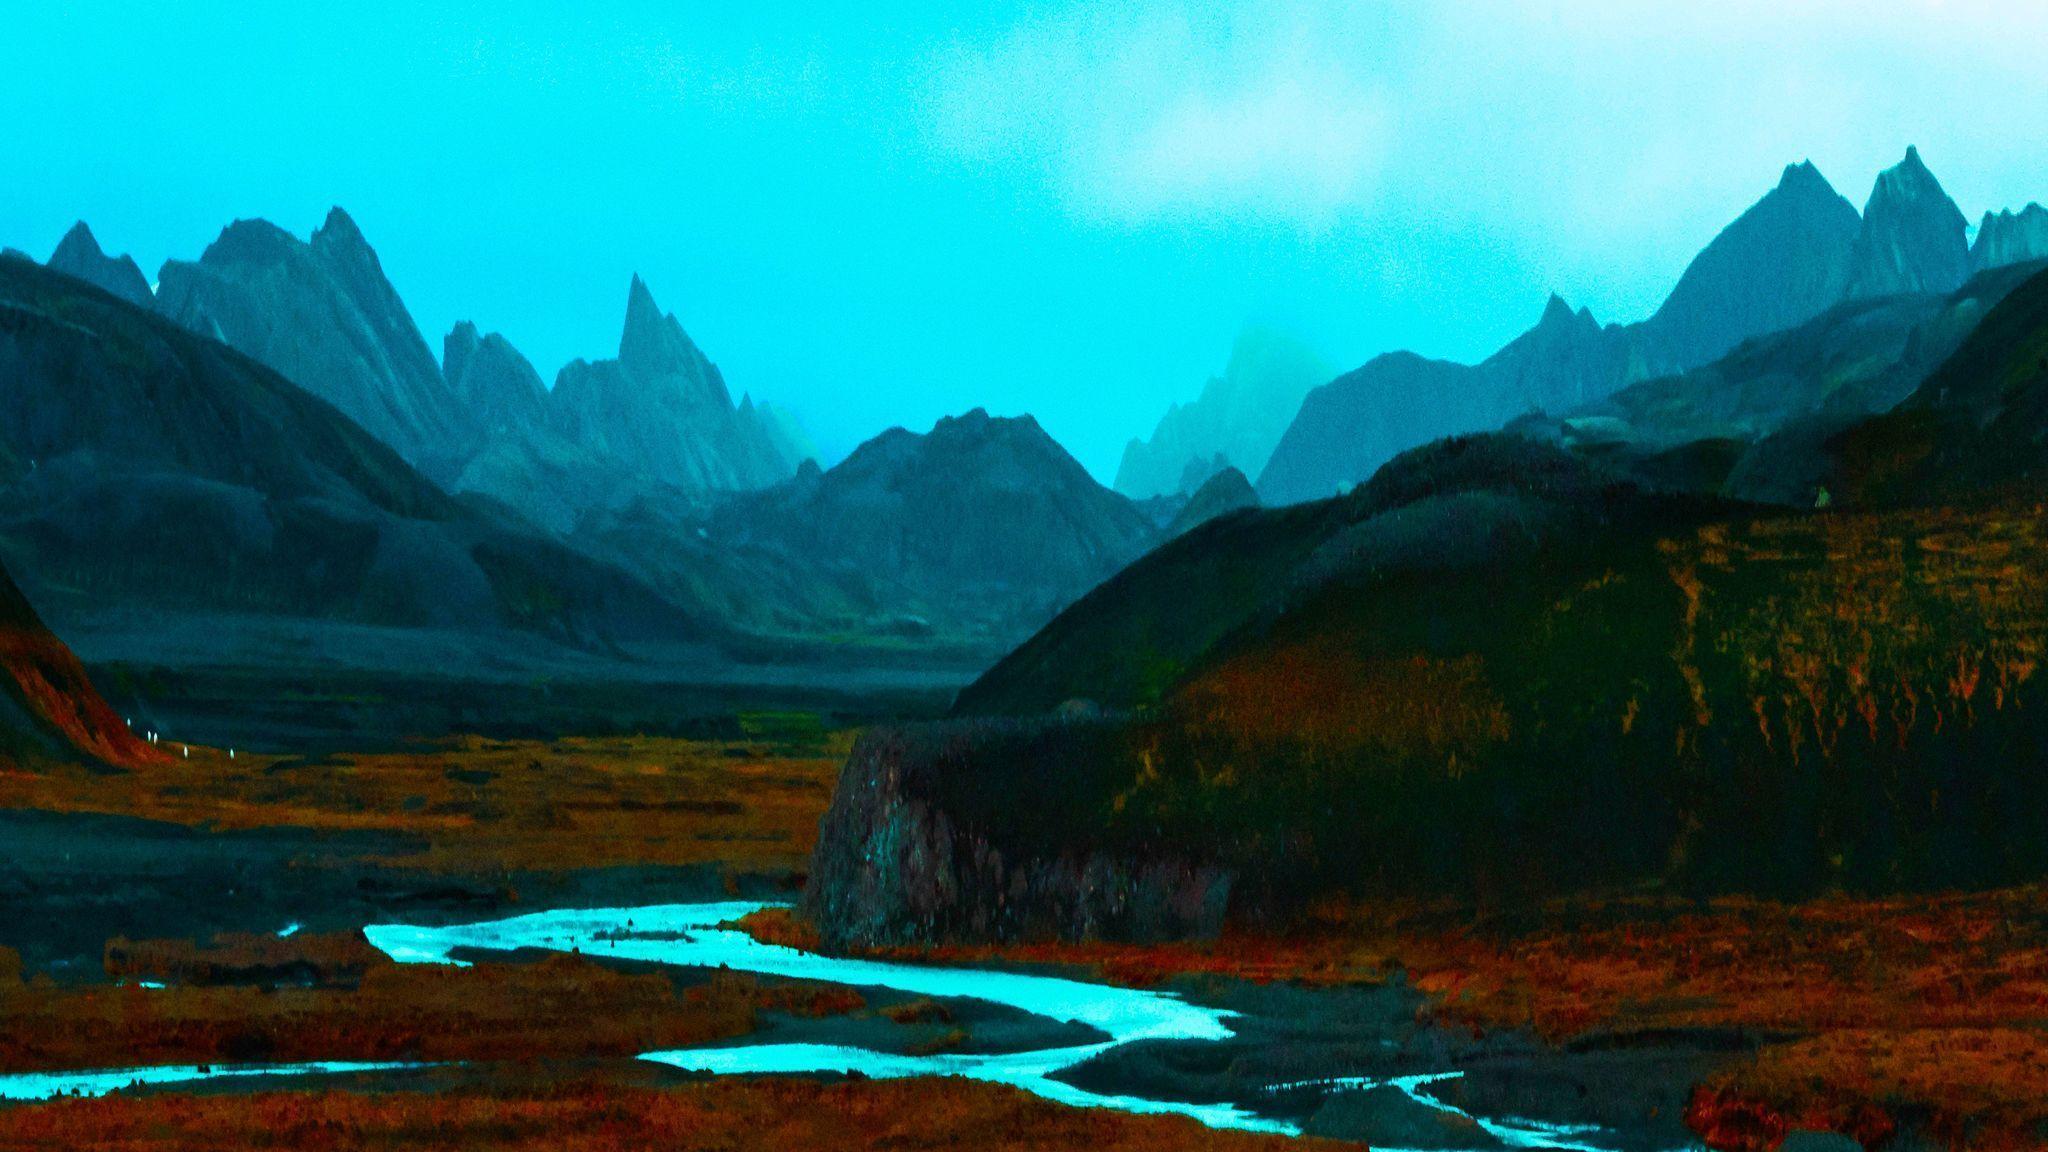 Landscape photographer lets imagination color his world